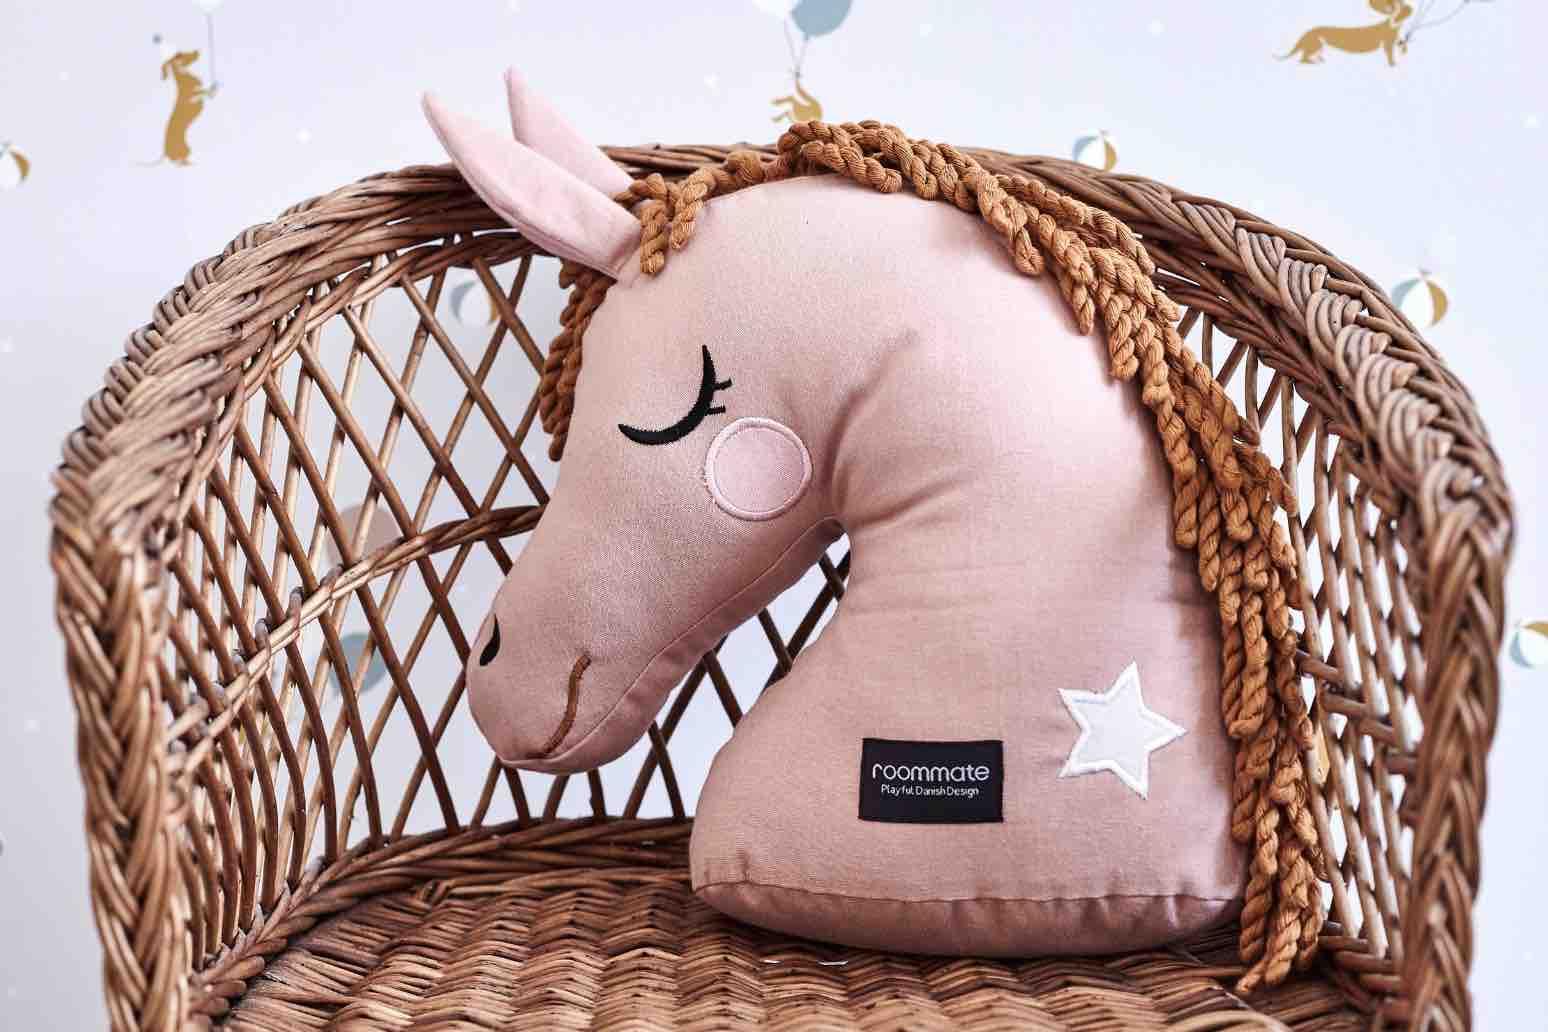 Pferde-Kissen von Roommate. Schöne Dekoration für das Kinderzimmer, zum Kuscheln und für lange Autofahrten zum Anlehnen.